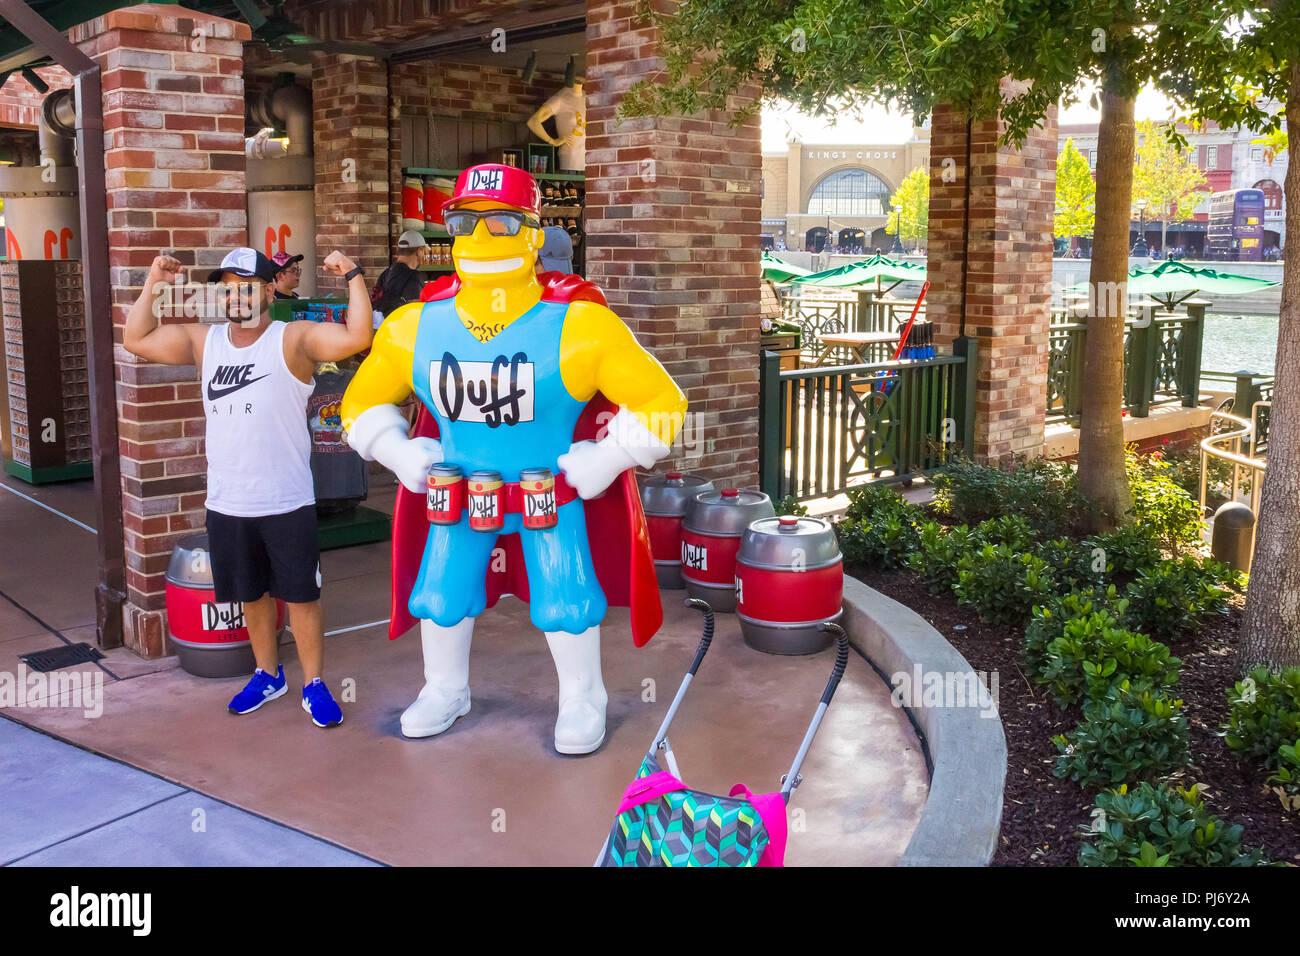 Map Of Universal Studios Florida.Orlando Florida Usa May 10 2018 The Man Making Photo At Park